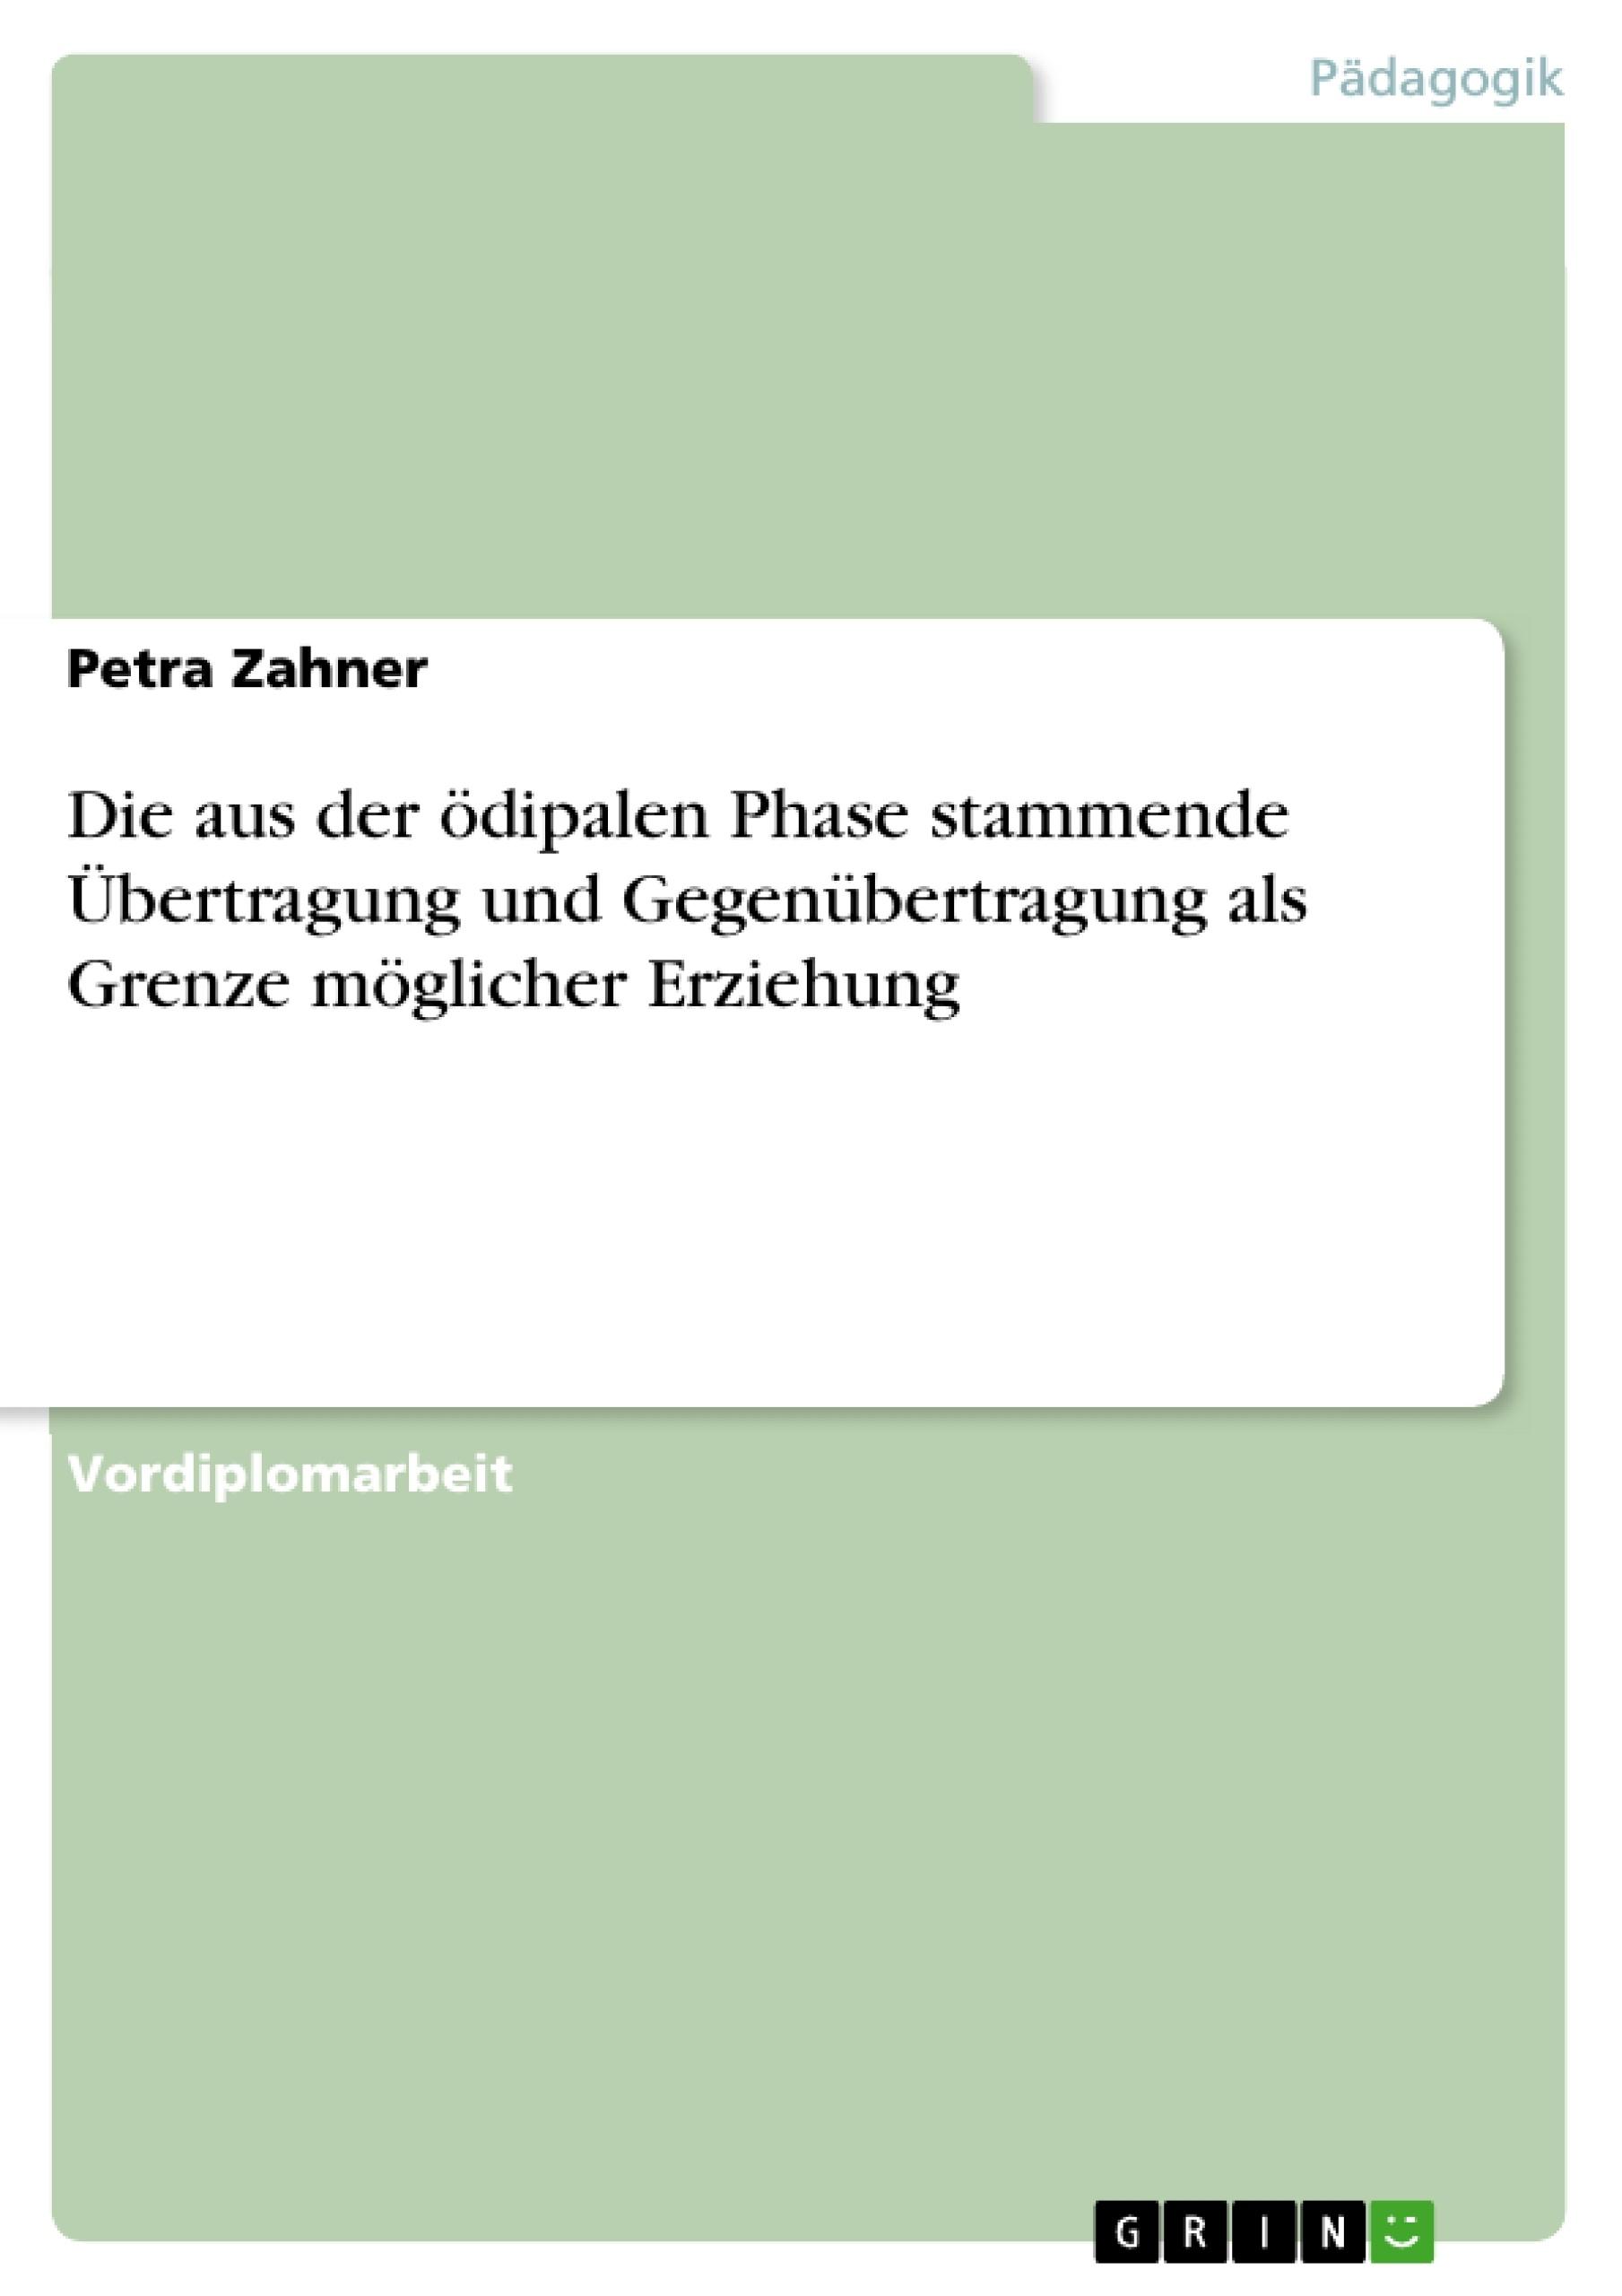 Titel: Die aus der ödipalen Phase stammende Übertragung und Gegenübertragung als Grenze möglicher Erziehung